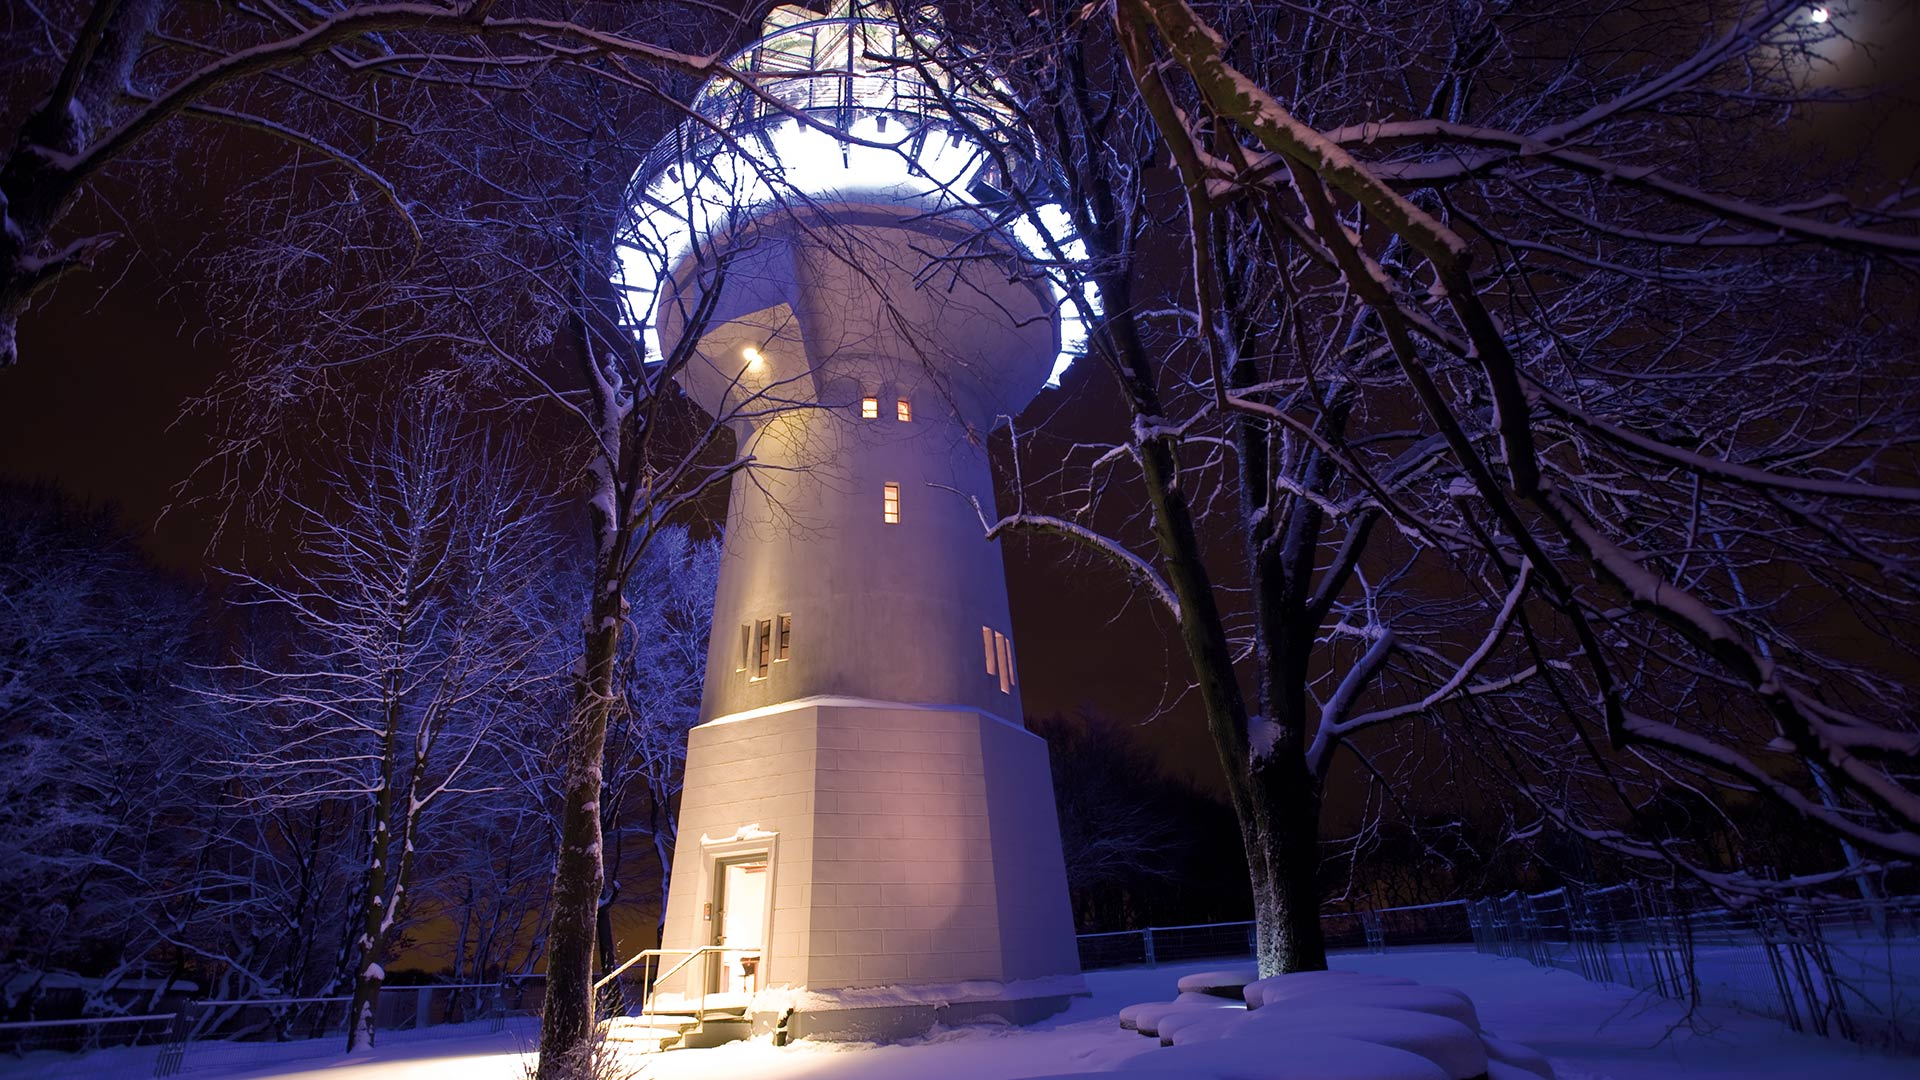 Lichtturm im Winter